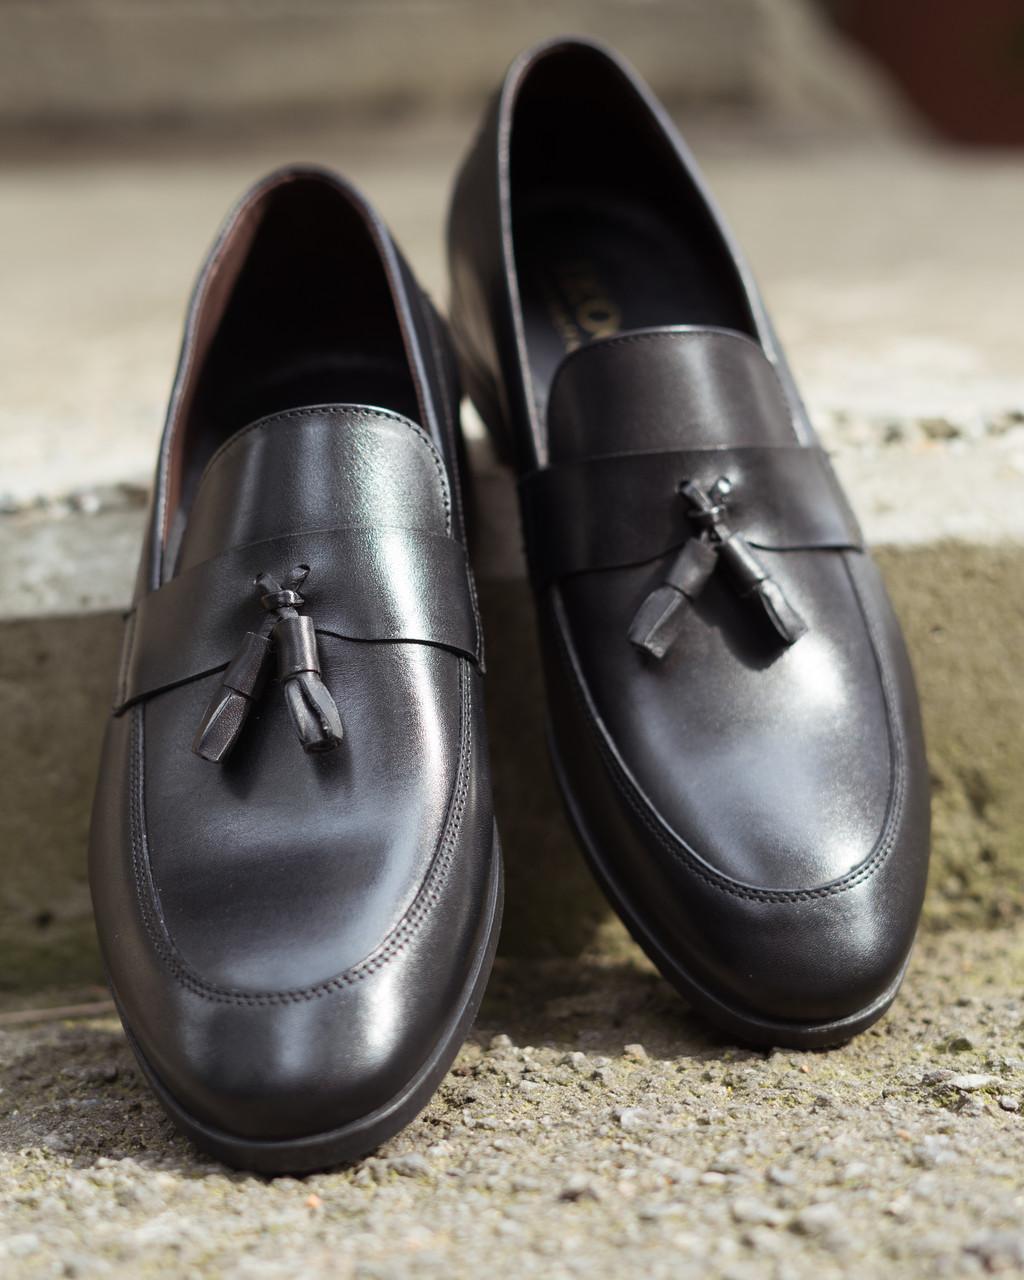 Туфлі шоколадного кольору.